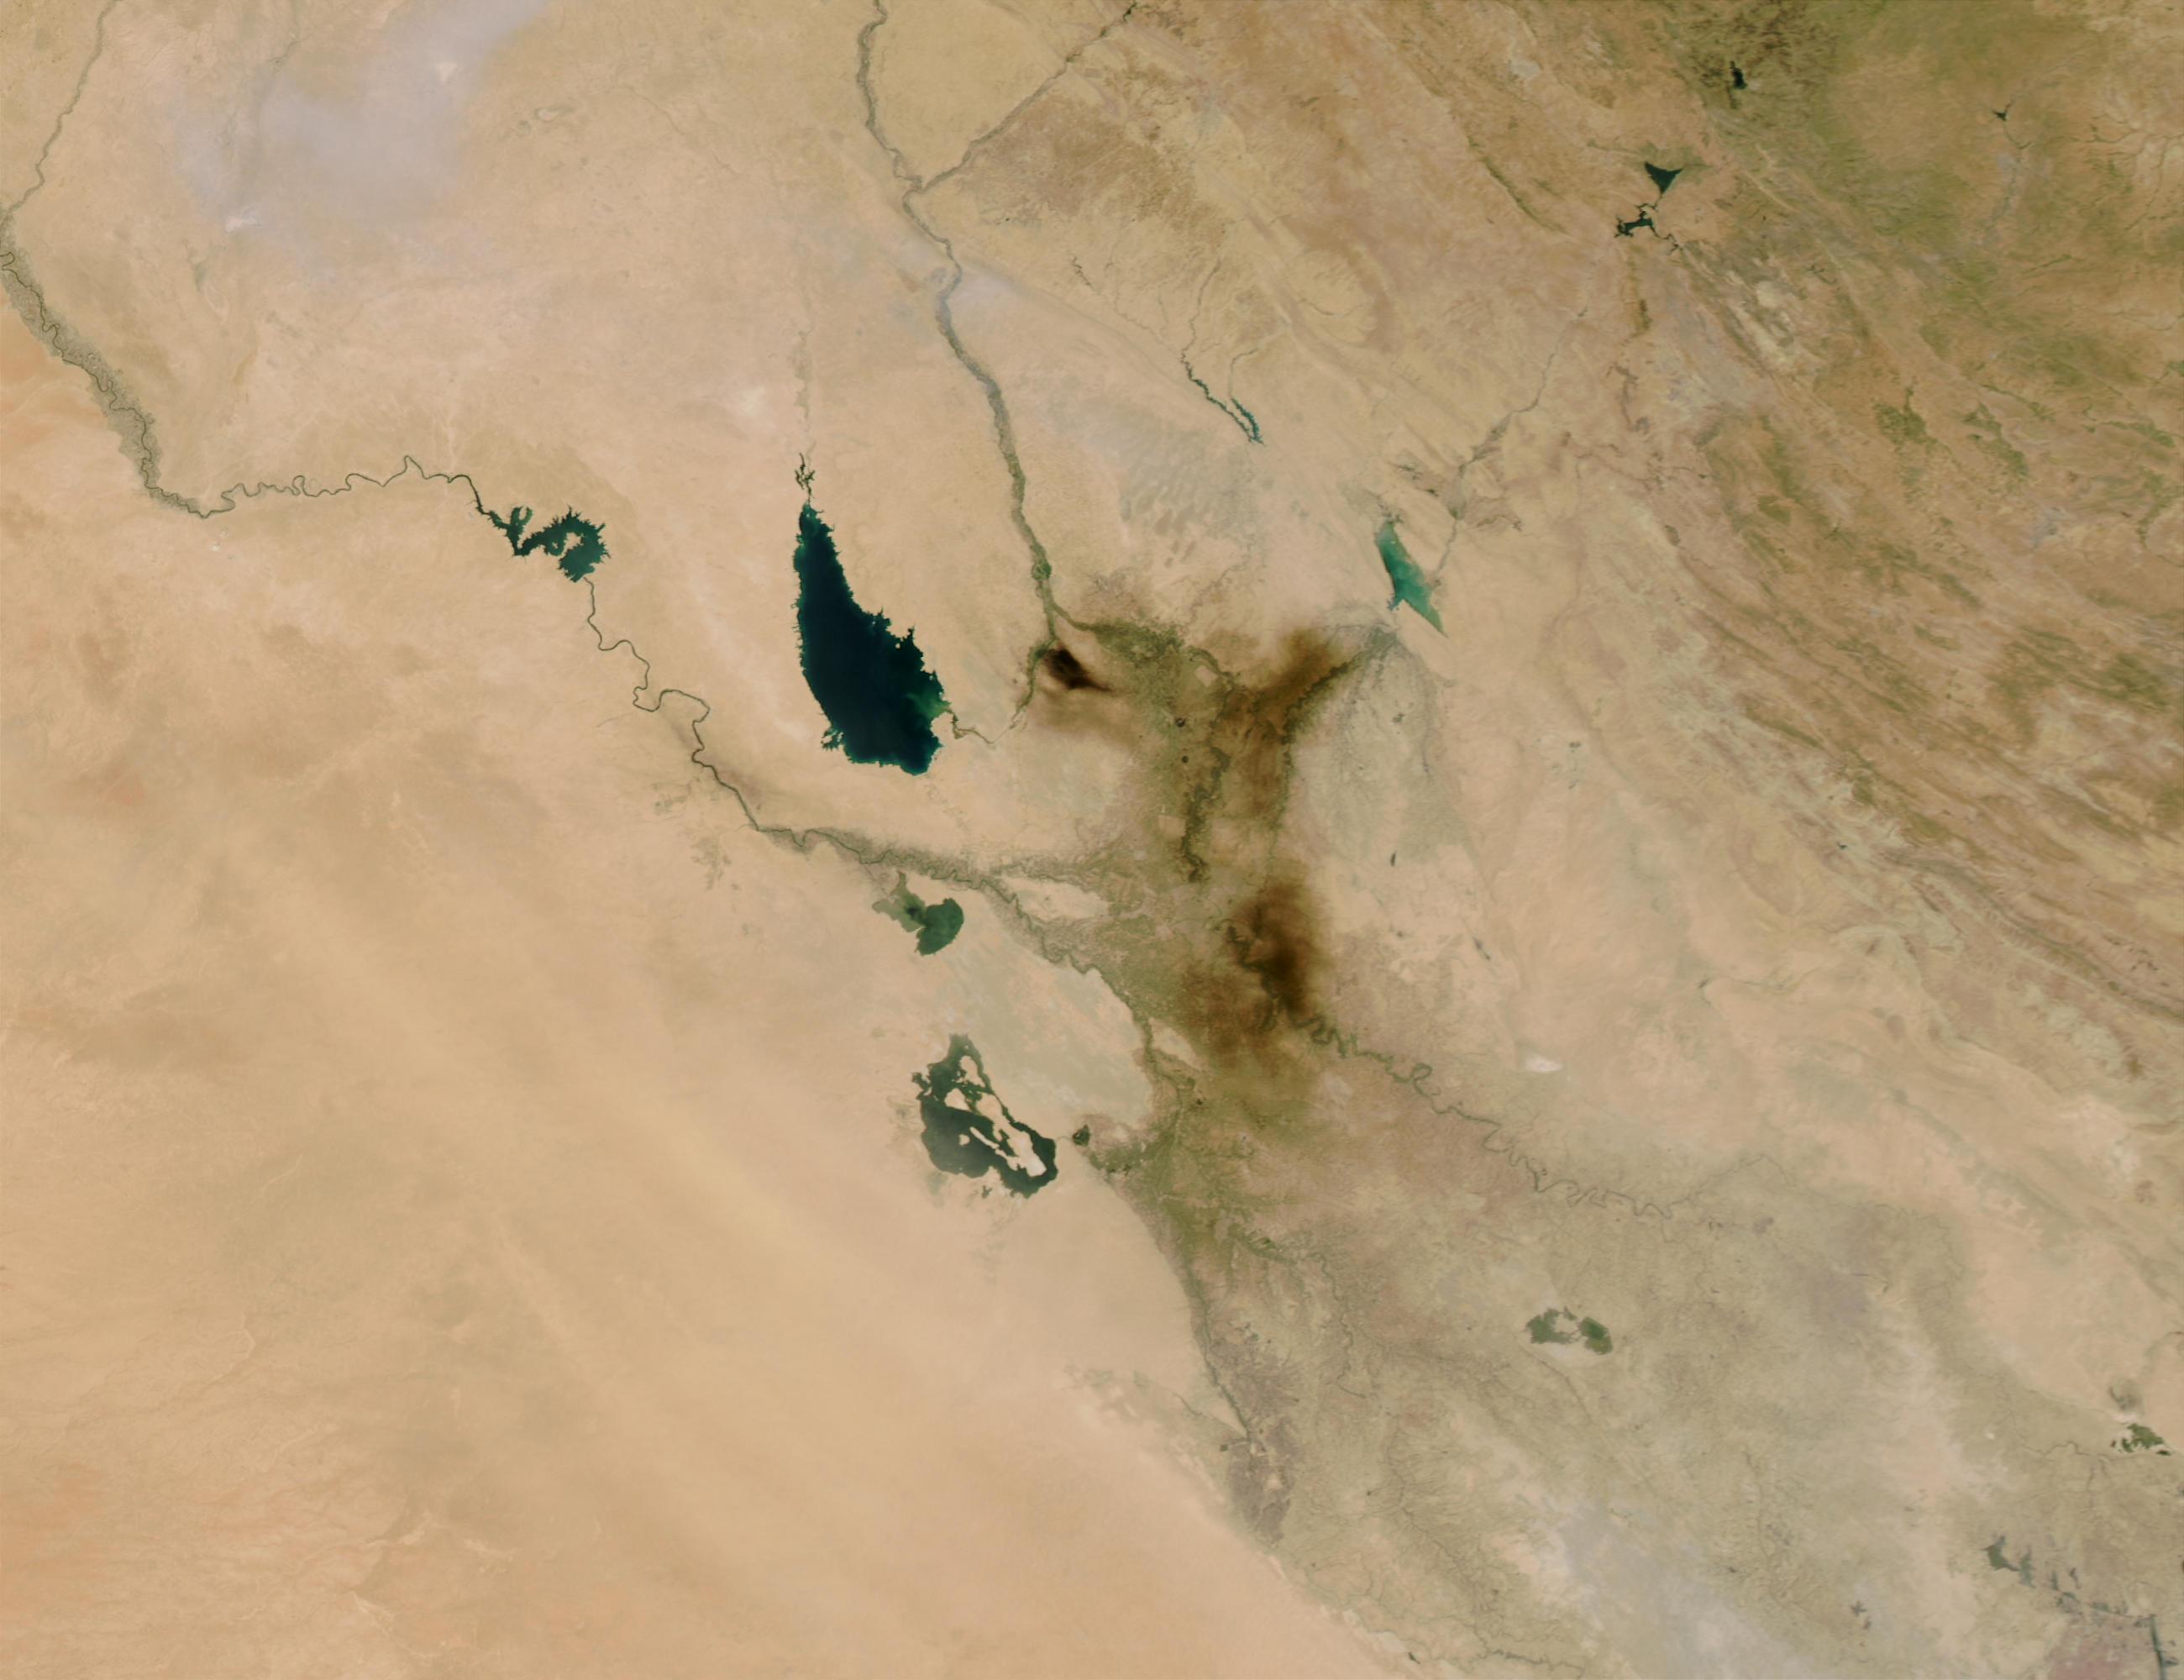 Penacho de humo de incendio petrolero cerca de Bagdad, Iraq